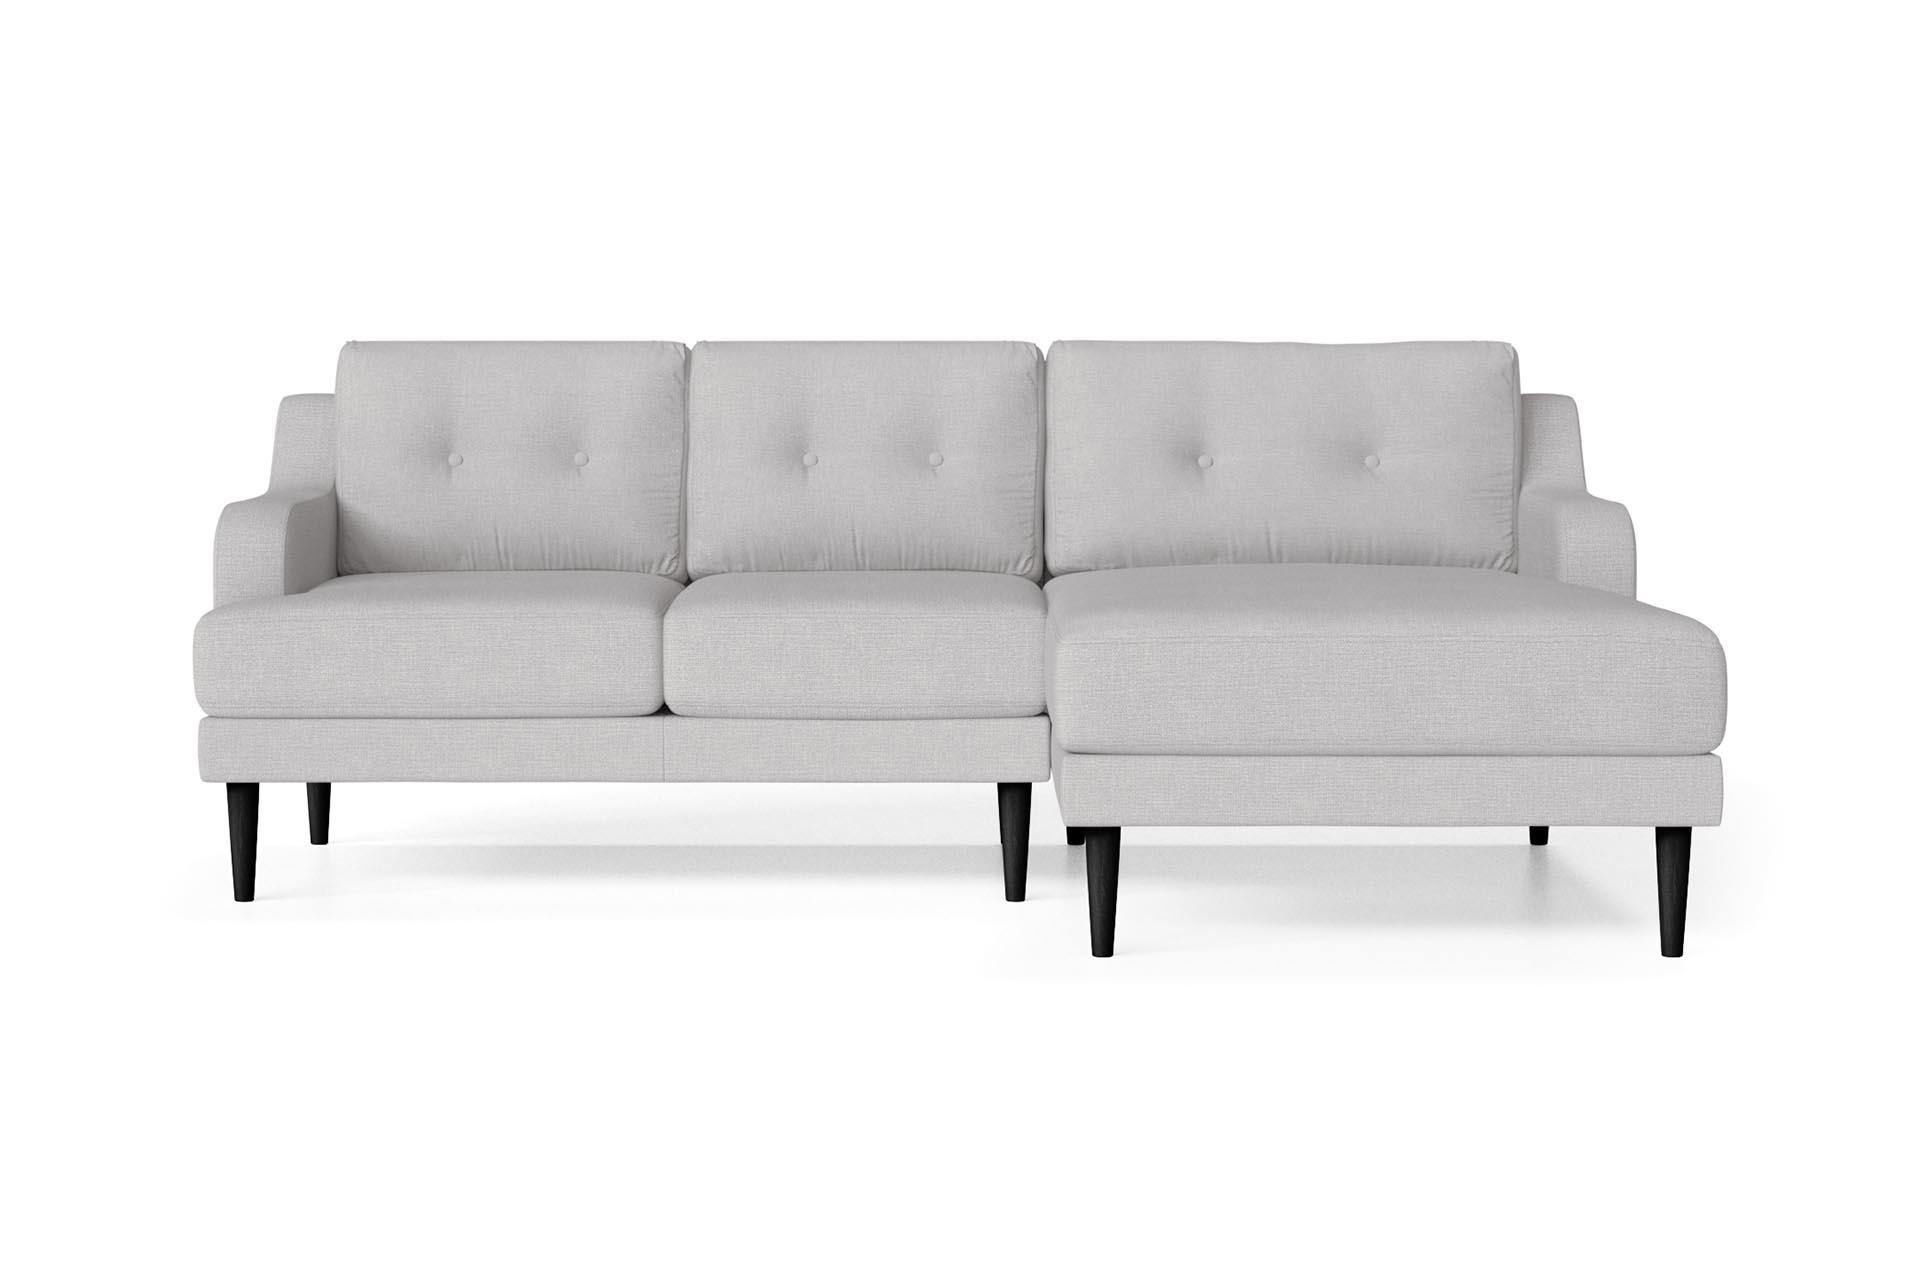 Canapé d'angle droit 4 places toucher lin gris clair